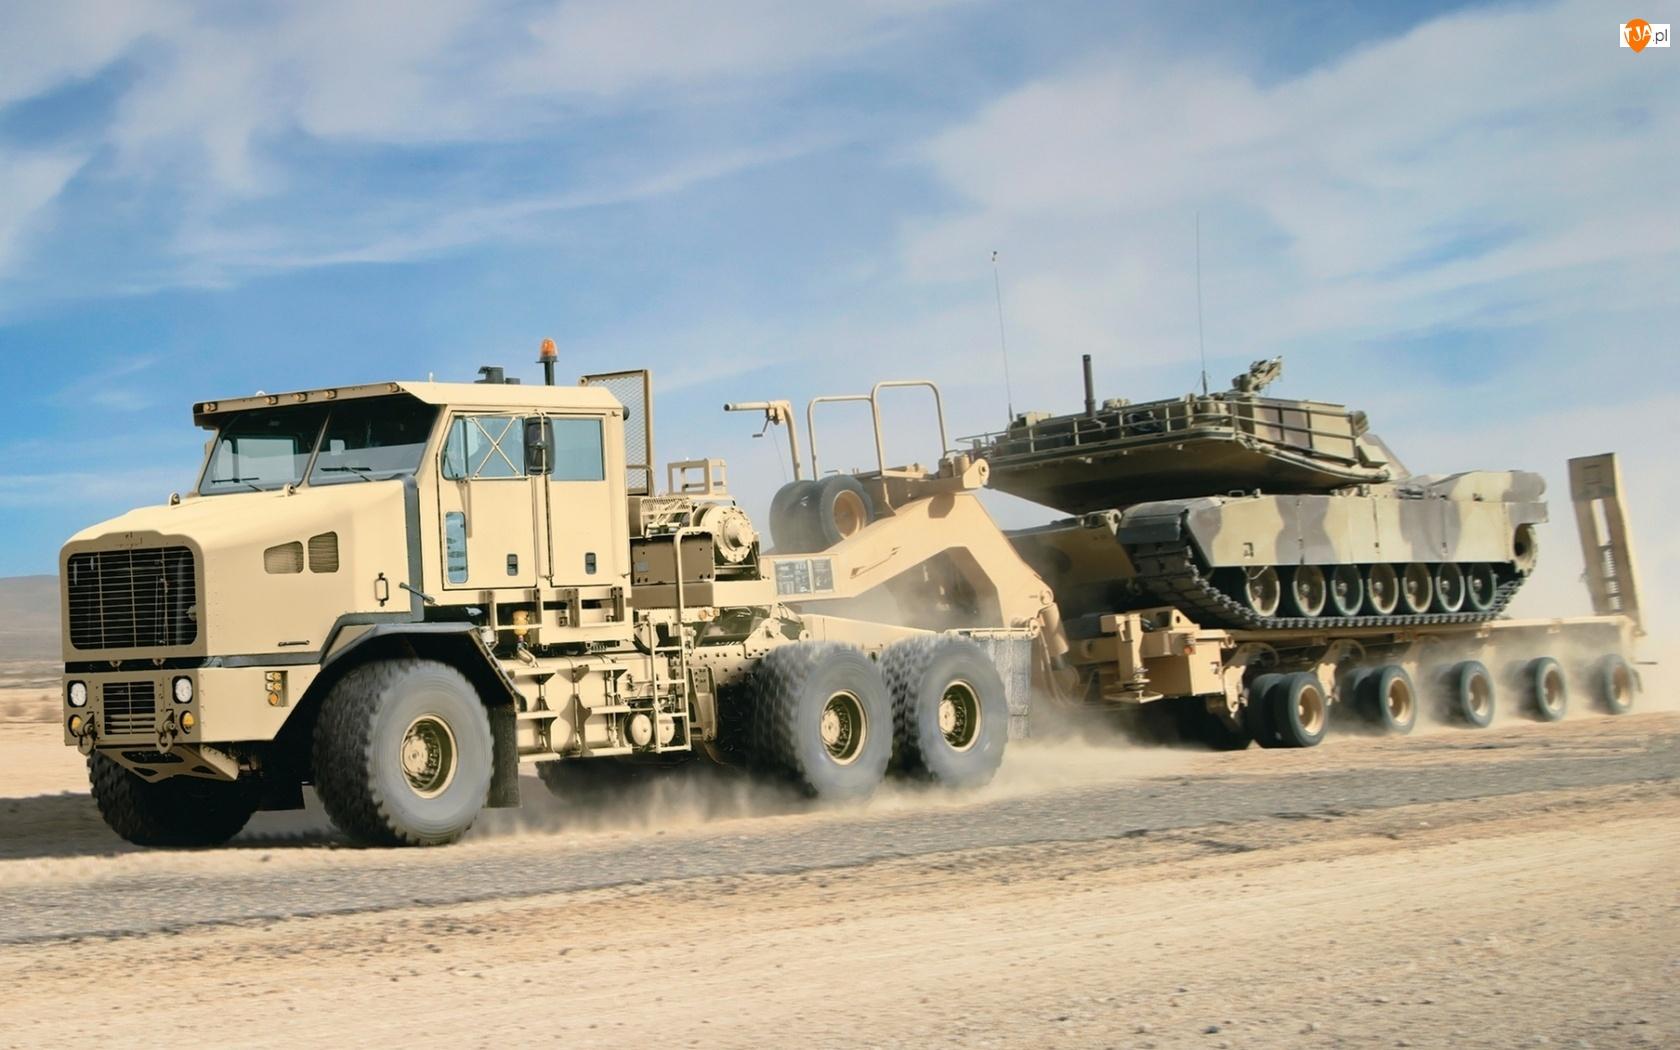 Ciężarówka, Pustynia, Wojskowa, Czołg